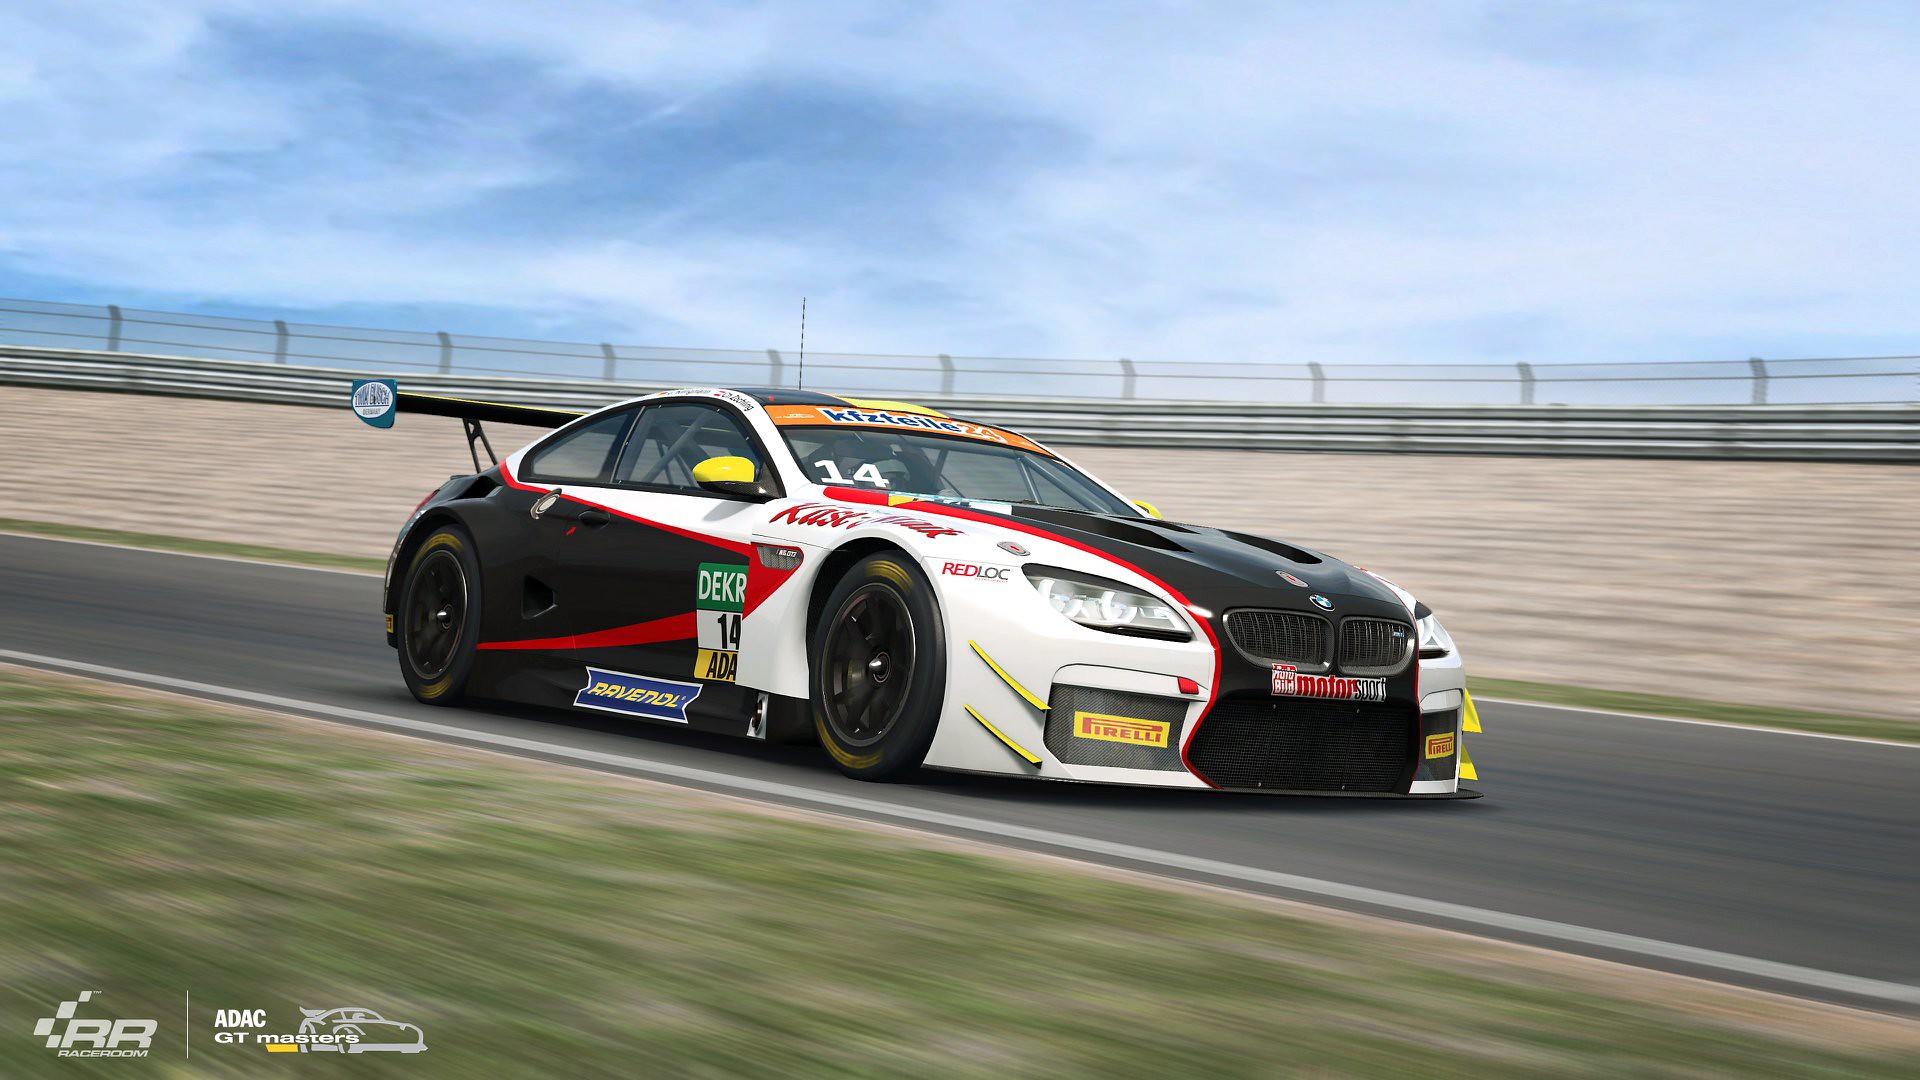 RaceRoom 2018 ADAC GT Update BMW M6 GT3 4